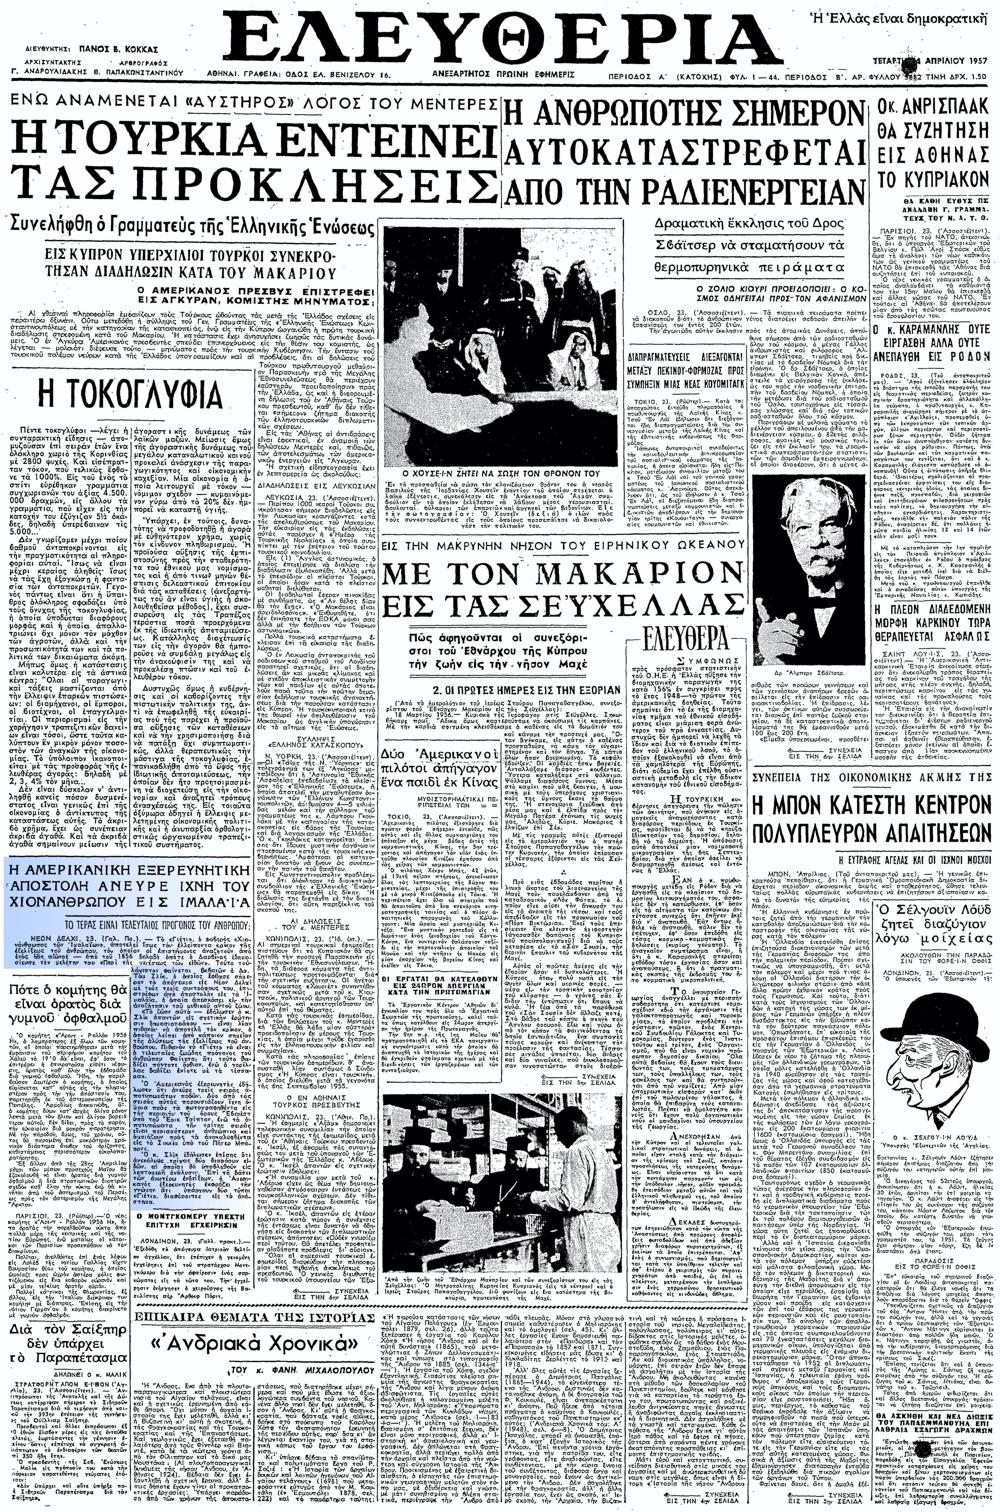 """Το άρθρο, όπως δημοσιεύθηκε στην εφημερίδα """"ΕΛΕΥΘΕΡΙΑ"""", στις 24/04/1957"""